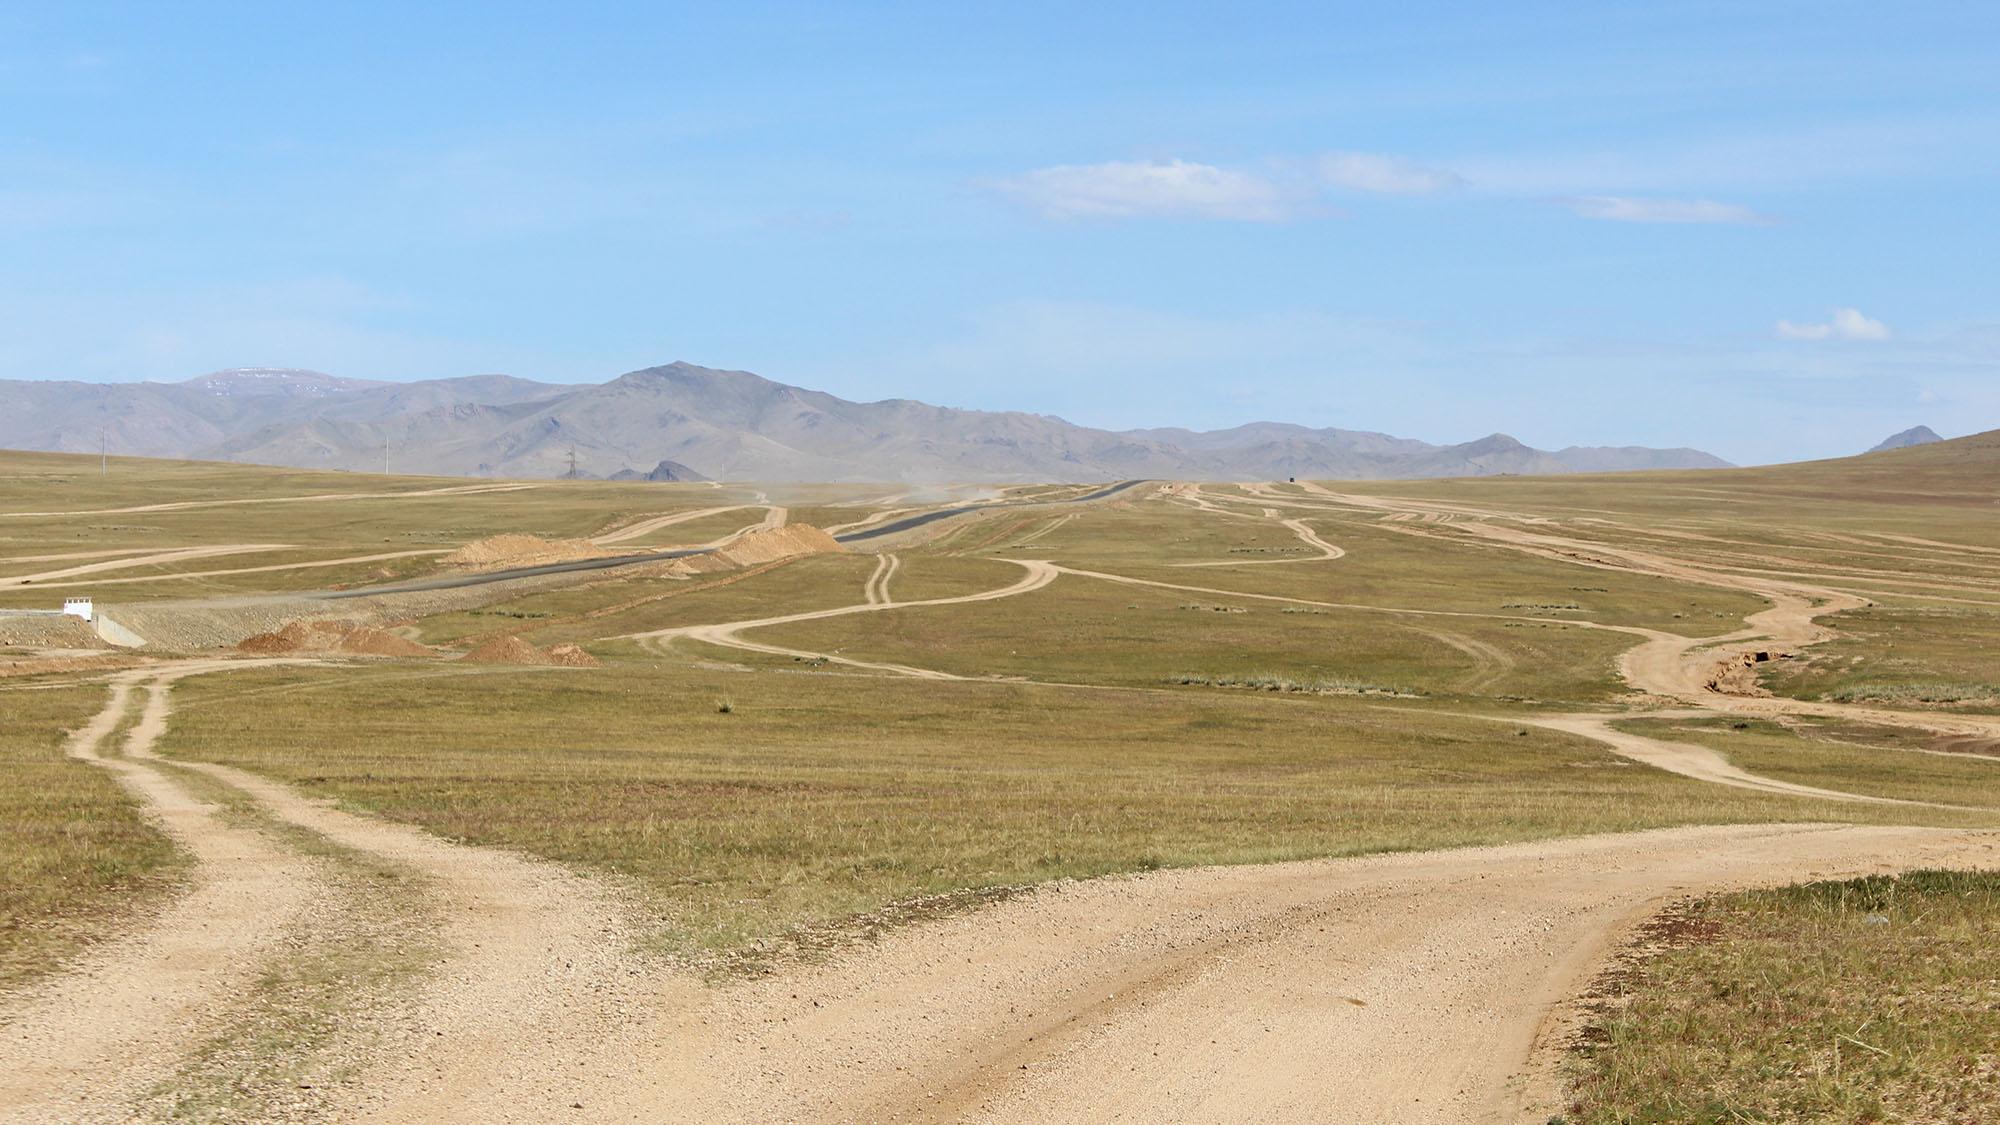 Det var ikke alltid like lett å velge riktig vei, og de var slett ikke rause med skiltingen gjennom Mongolia. Foto: Gro H Andersen